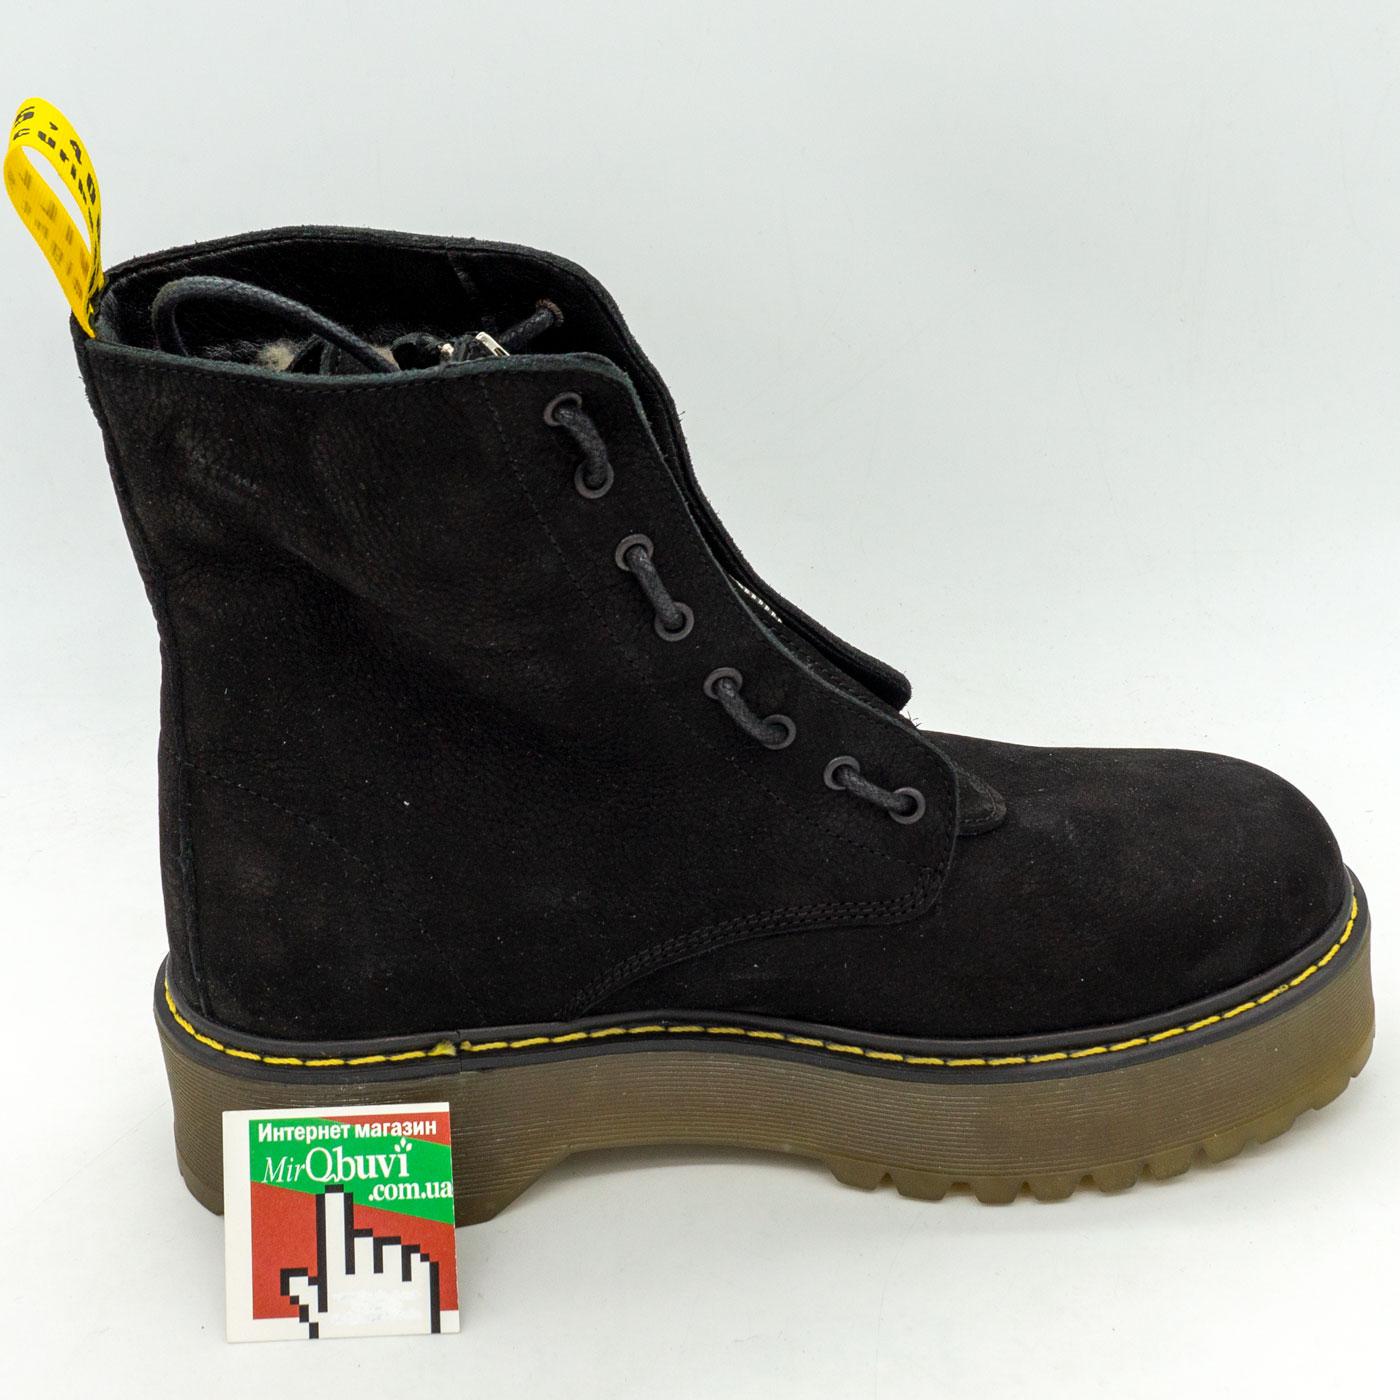 фото front Черные женские ботинки с мехом на платформе в стиле Dr. Martens  нубук front